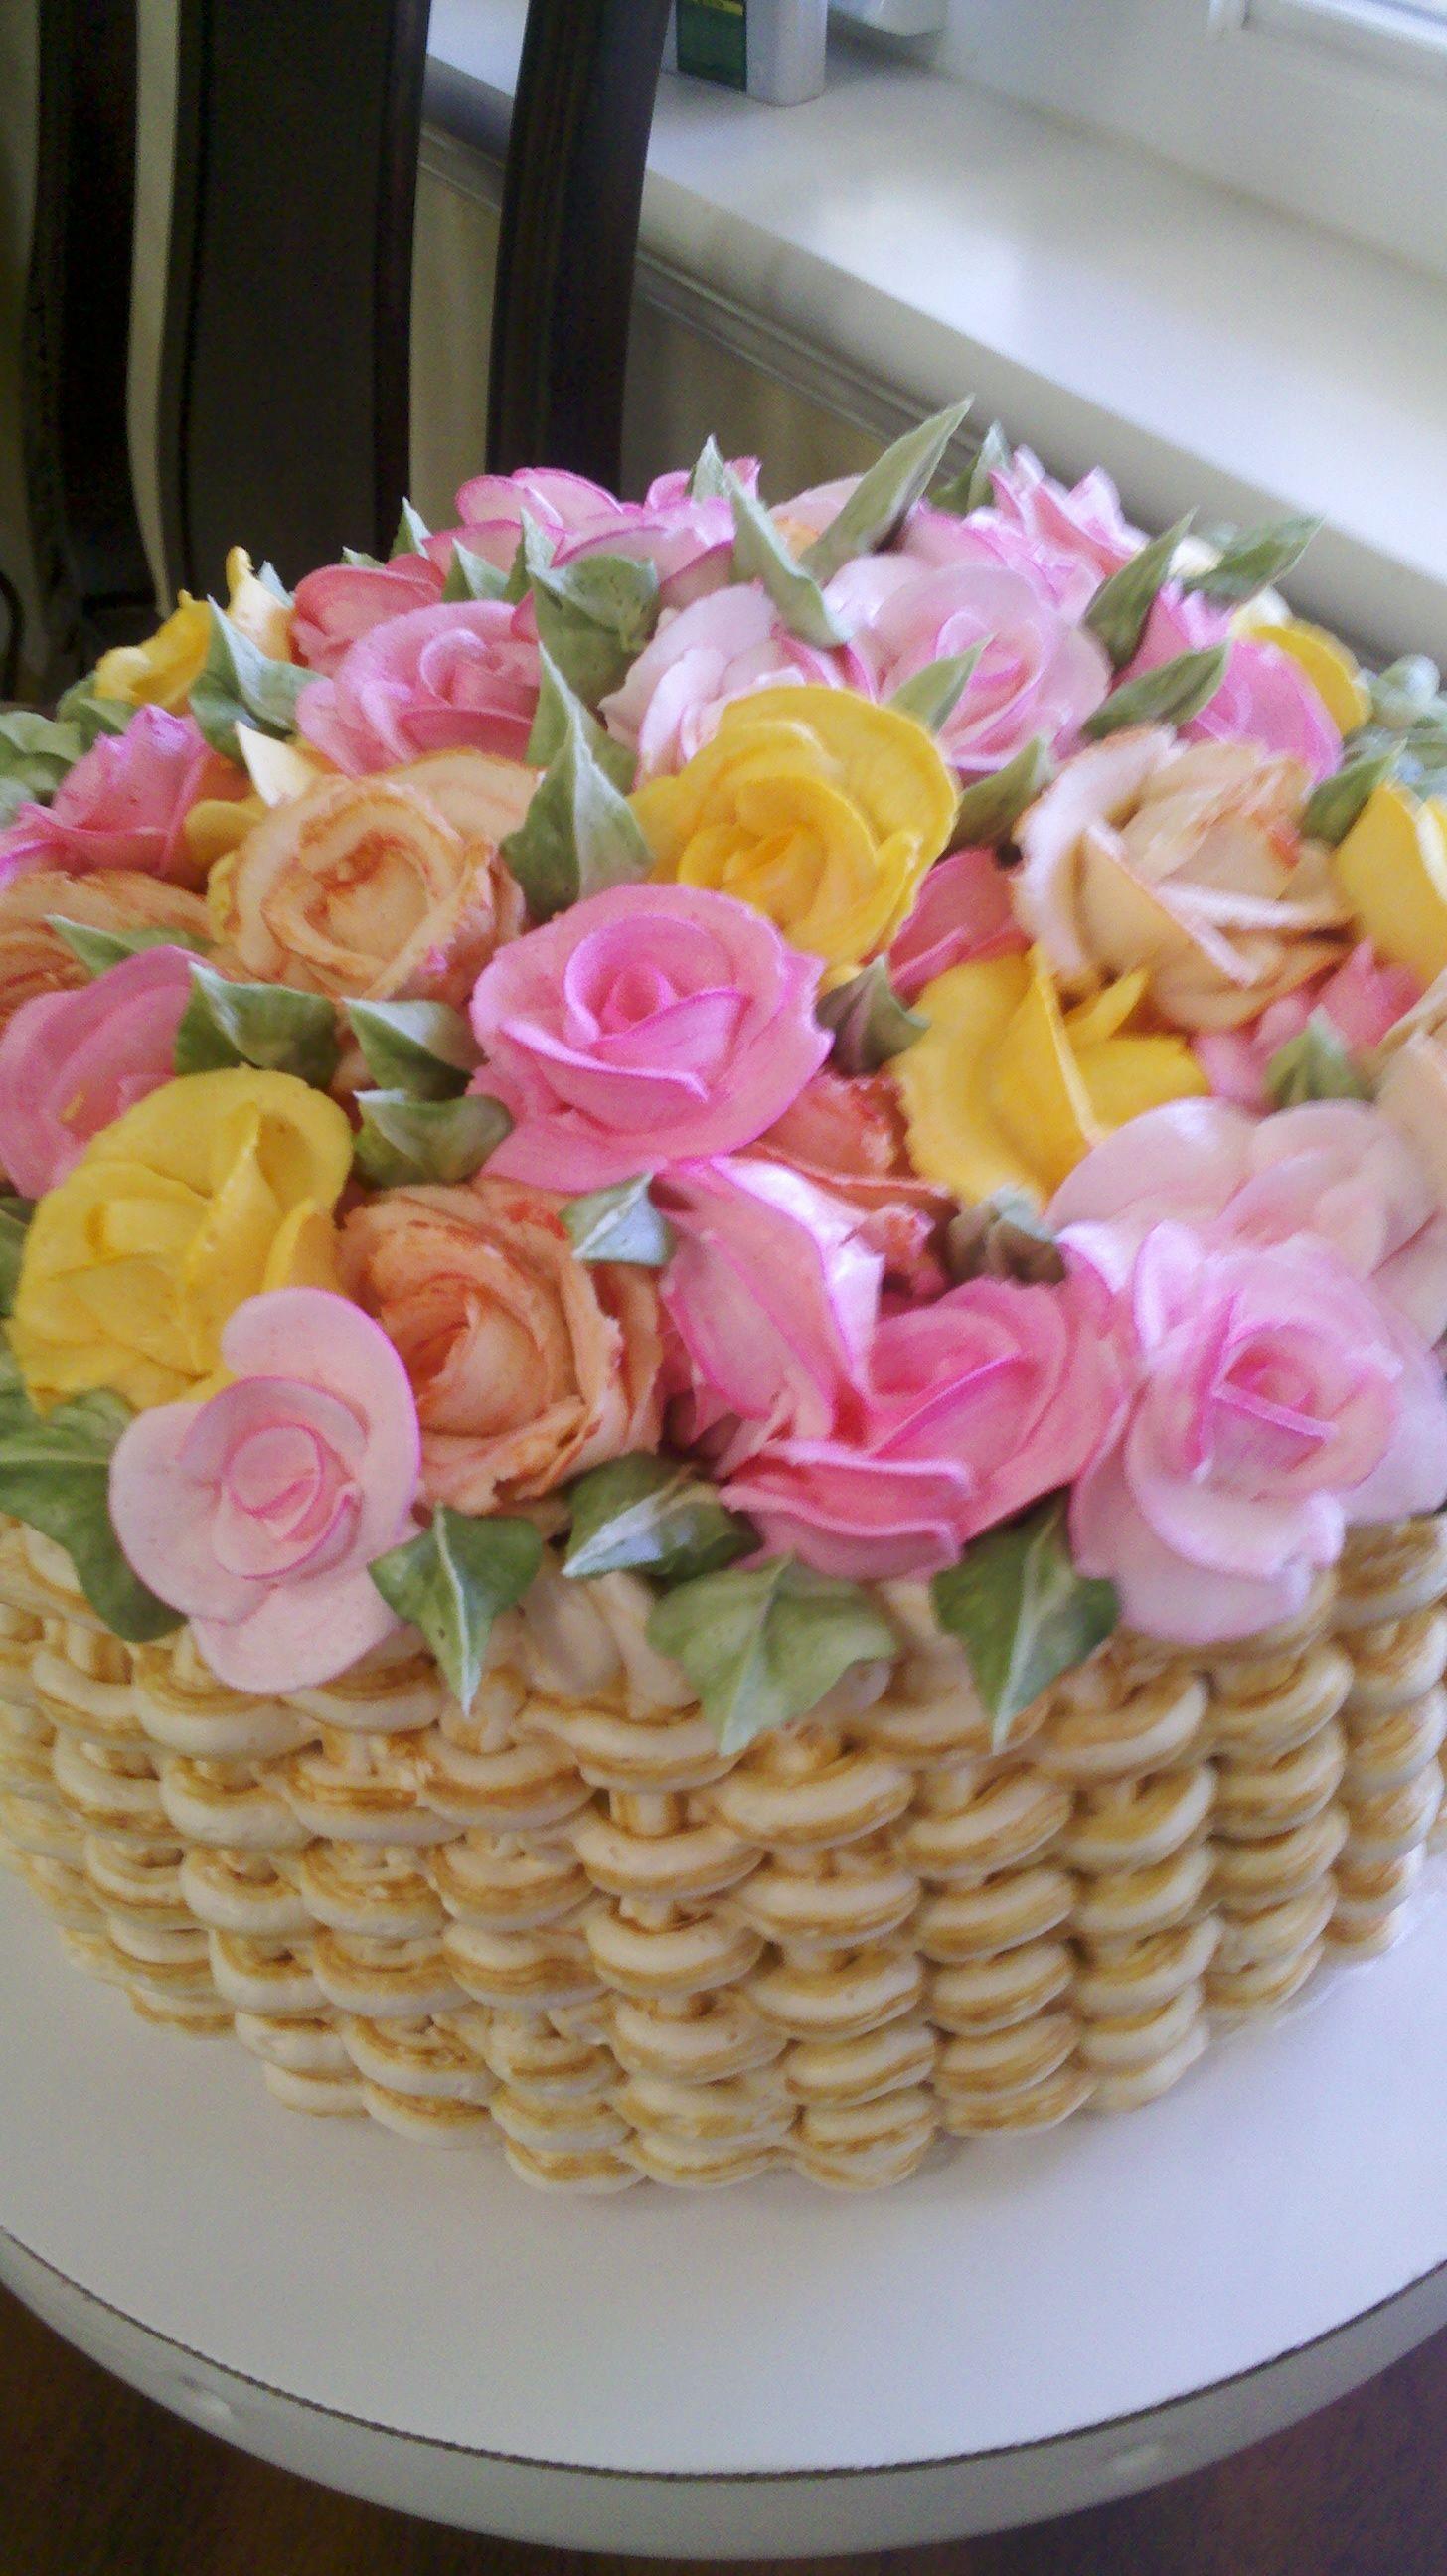 Flower Basket Cake (With images) Flower basket cake